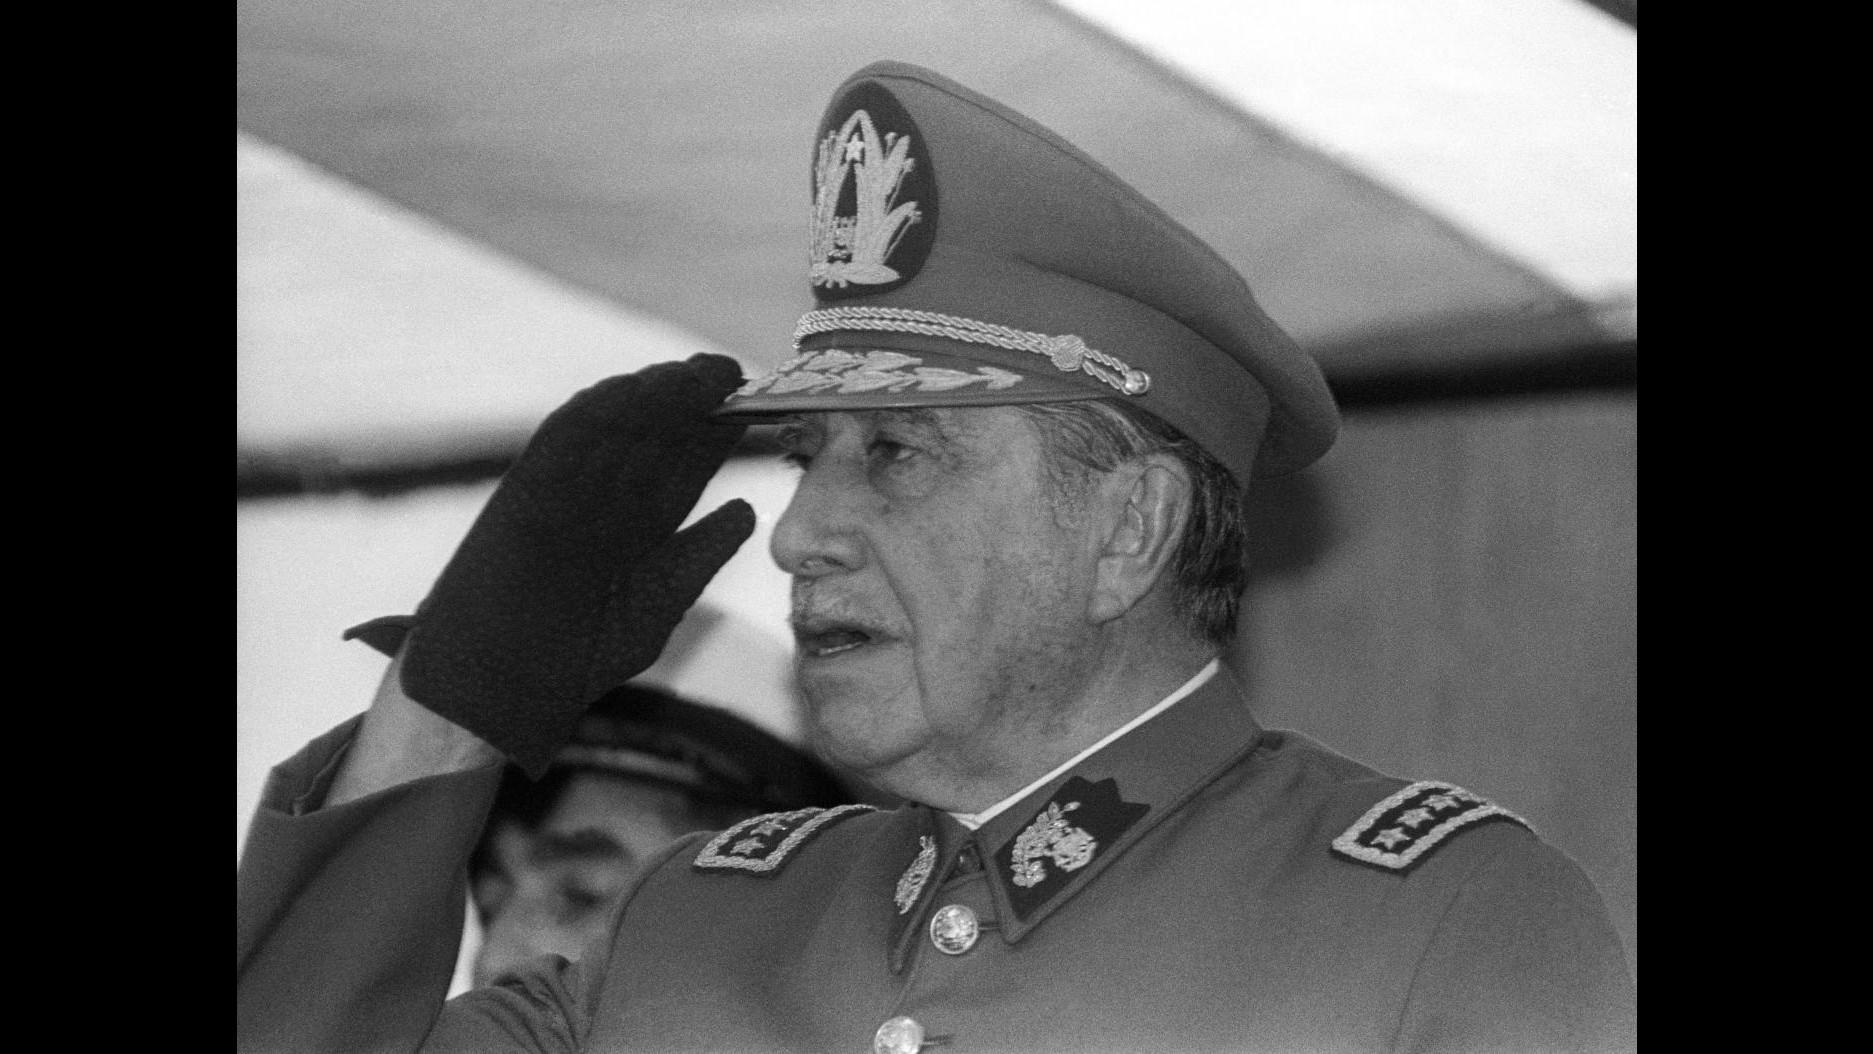 Morto in Cile il generale Contreras. Guidò la polizia segreta di Pinochet